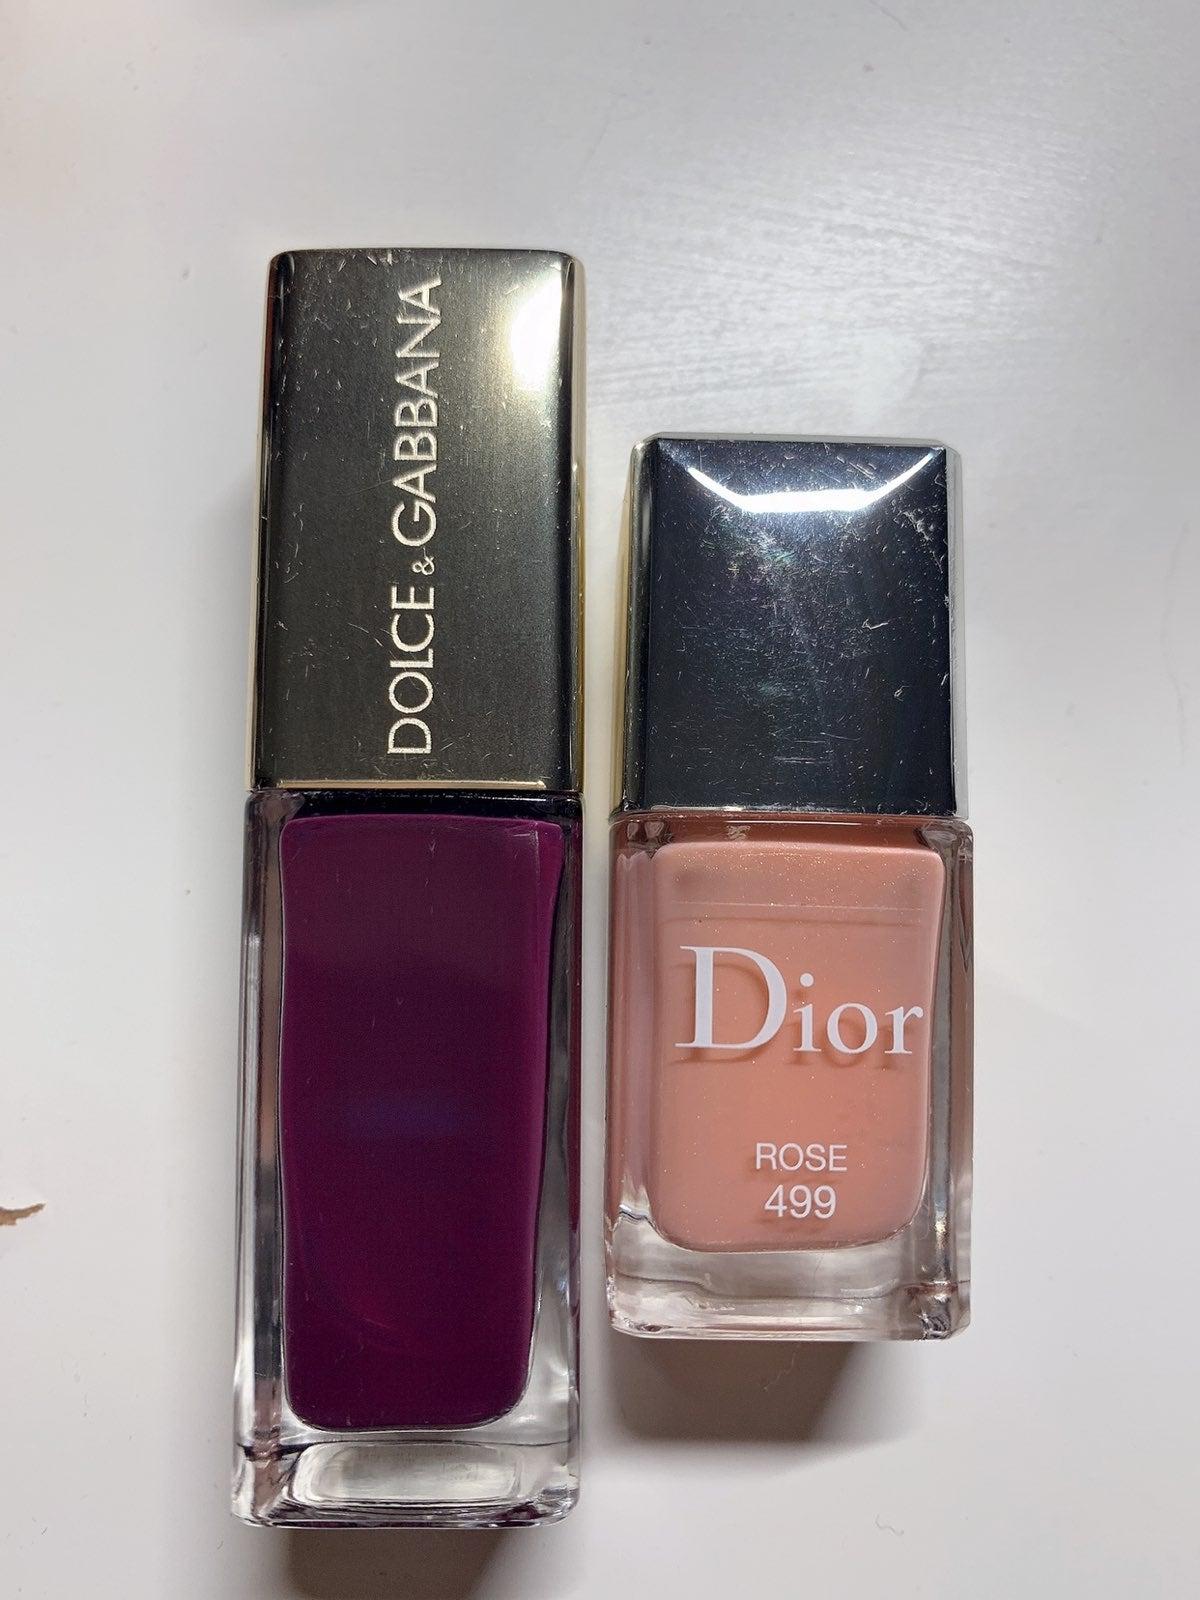 Dior, Dolce&Gabbana Nail Polish bundle